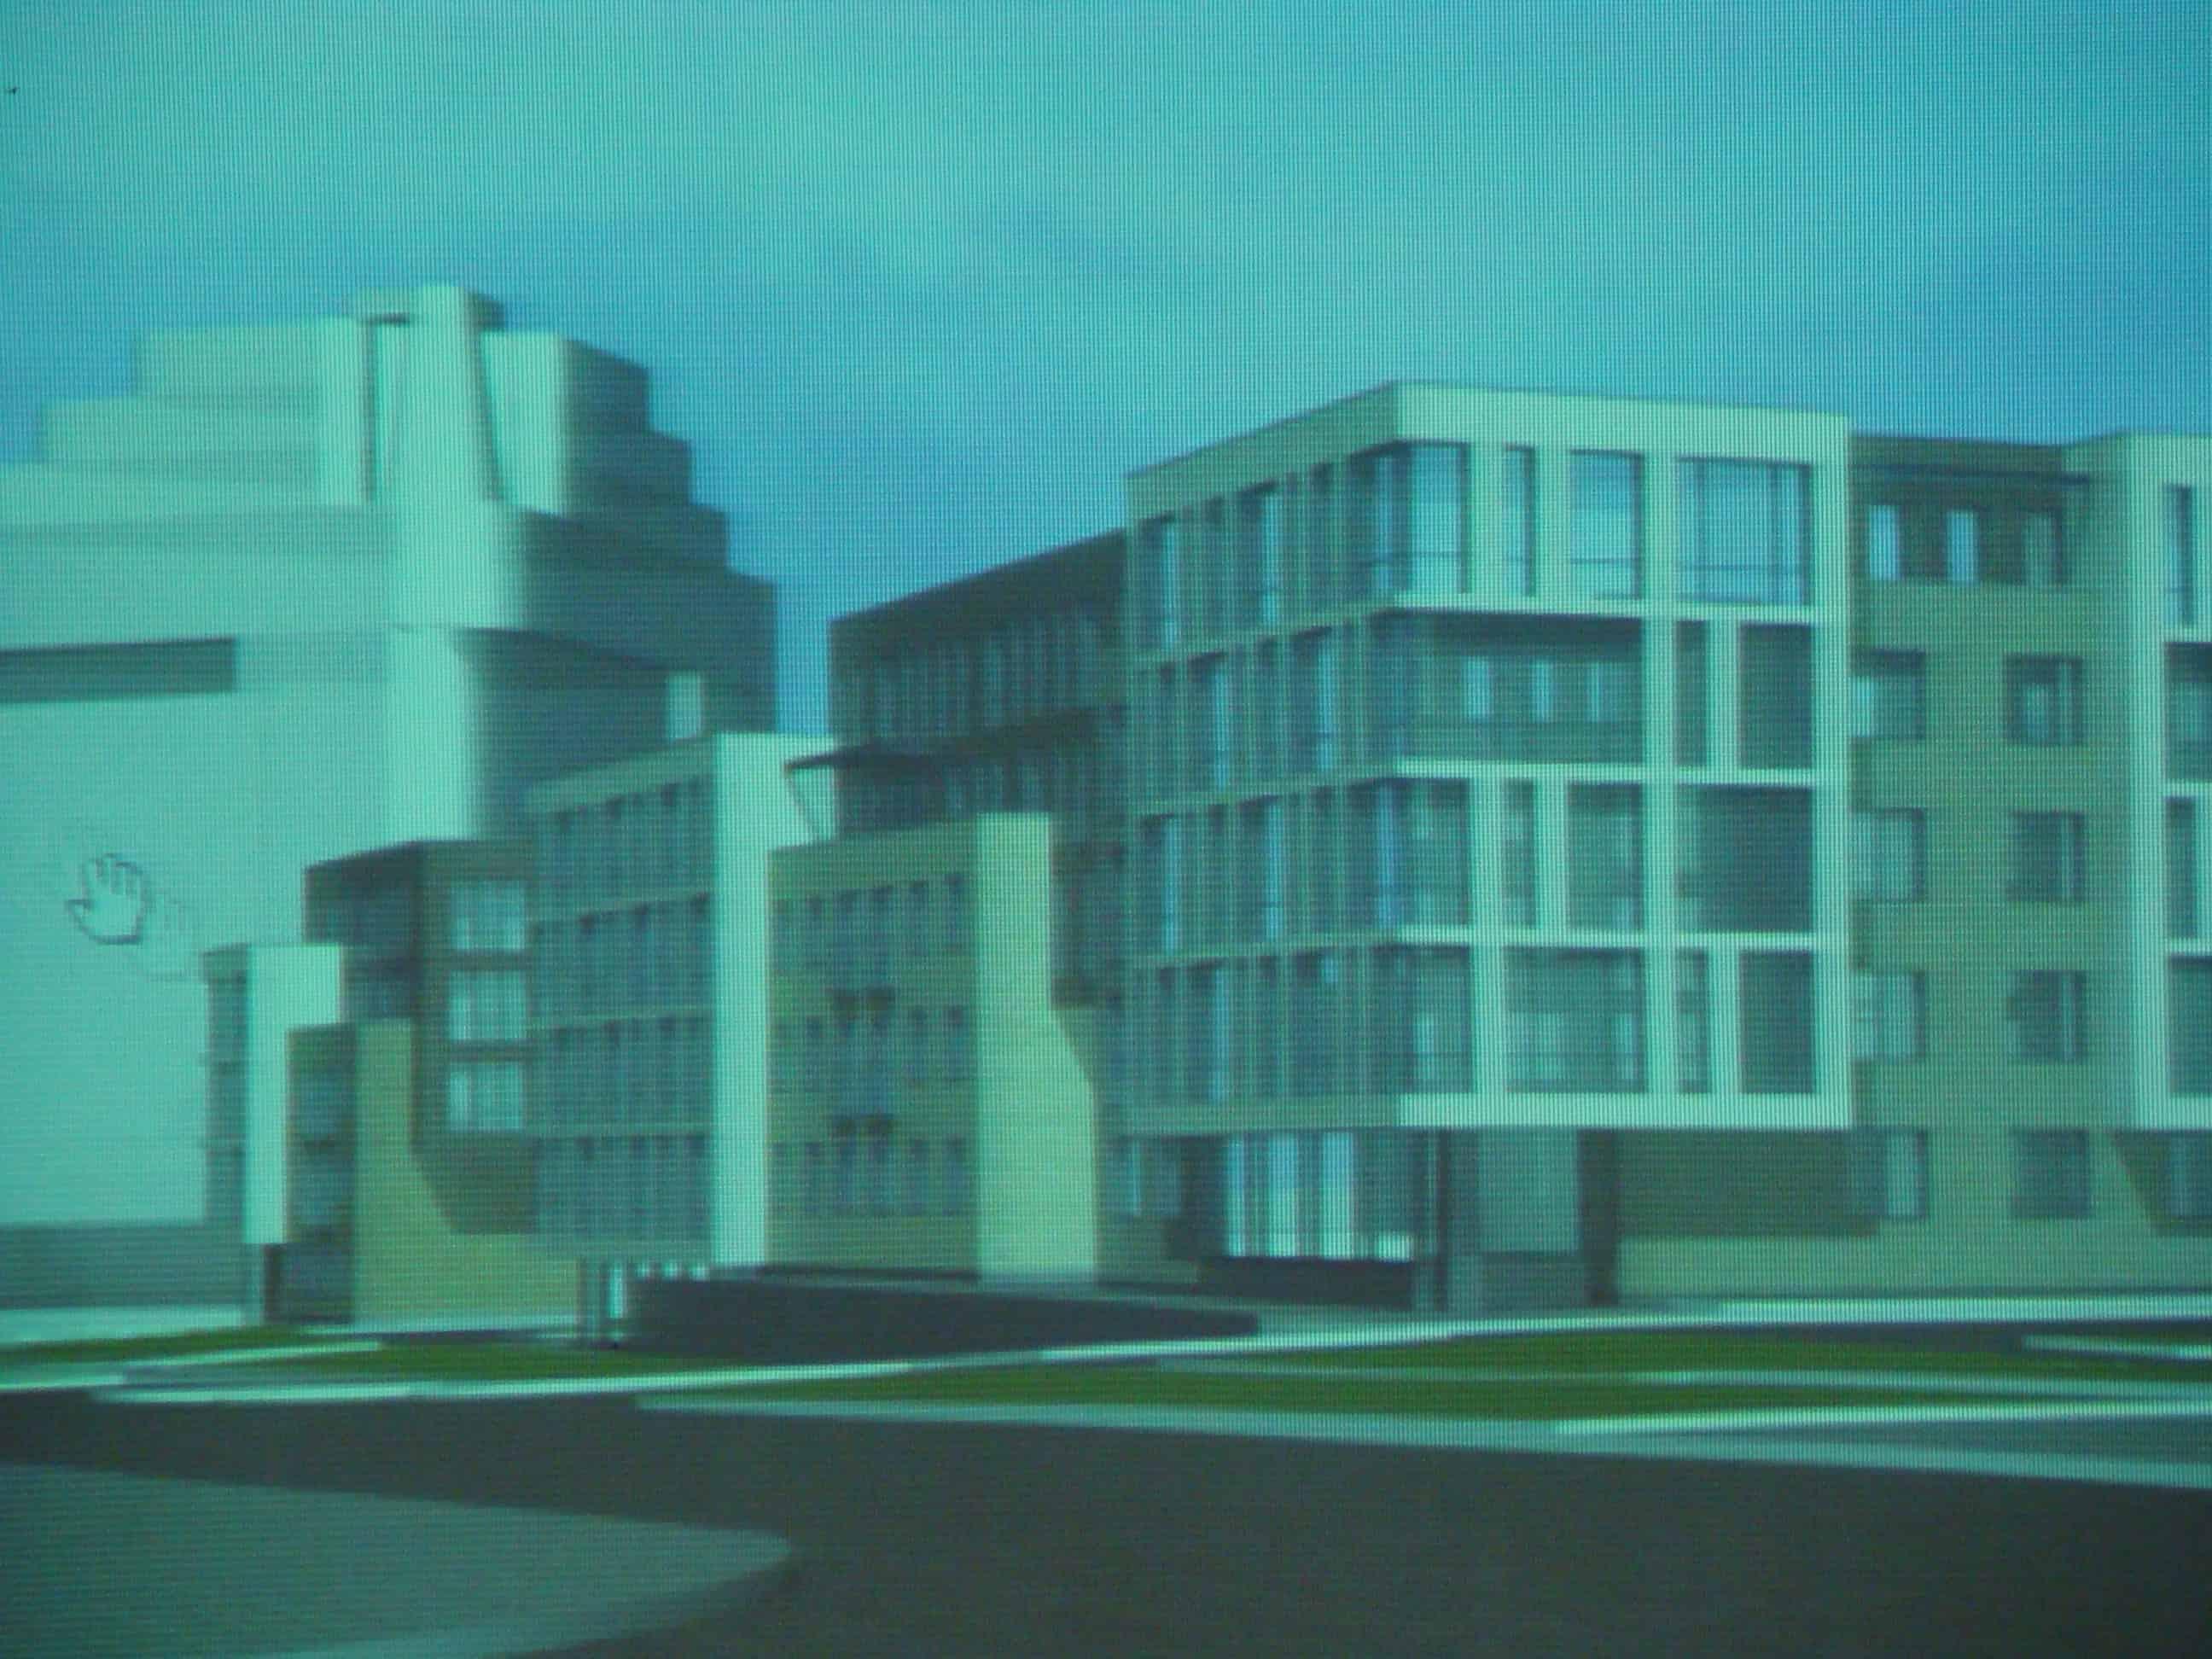 Проект застройки у Левашовского бульвара